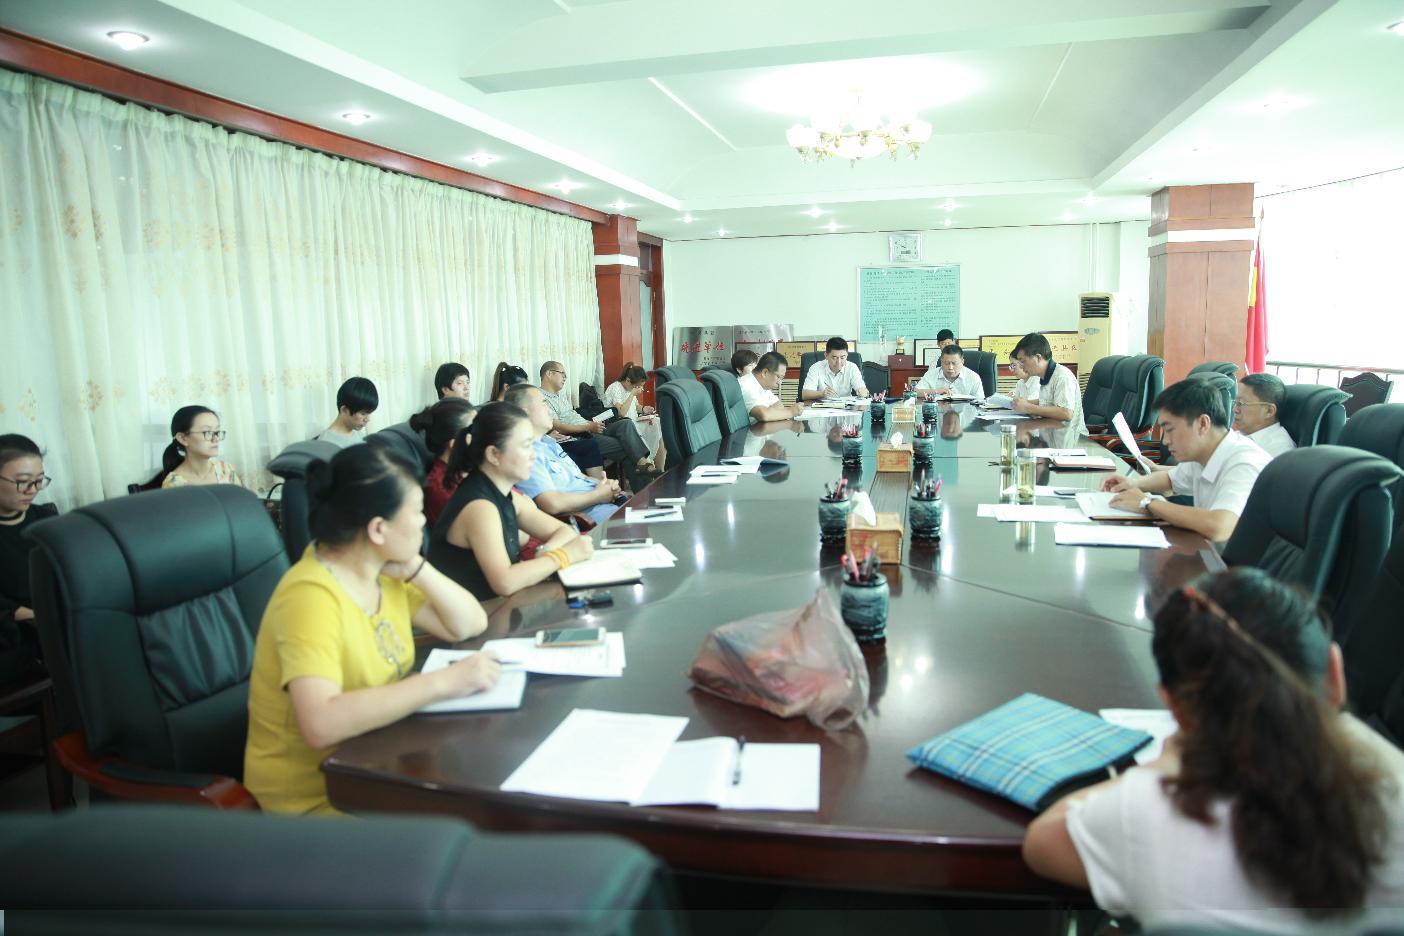 抚顺市望花区召开民族宗教工作领导小组扩大会议